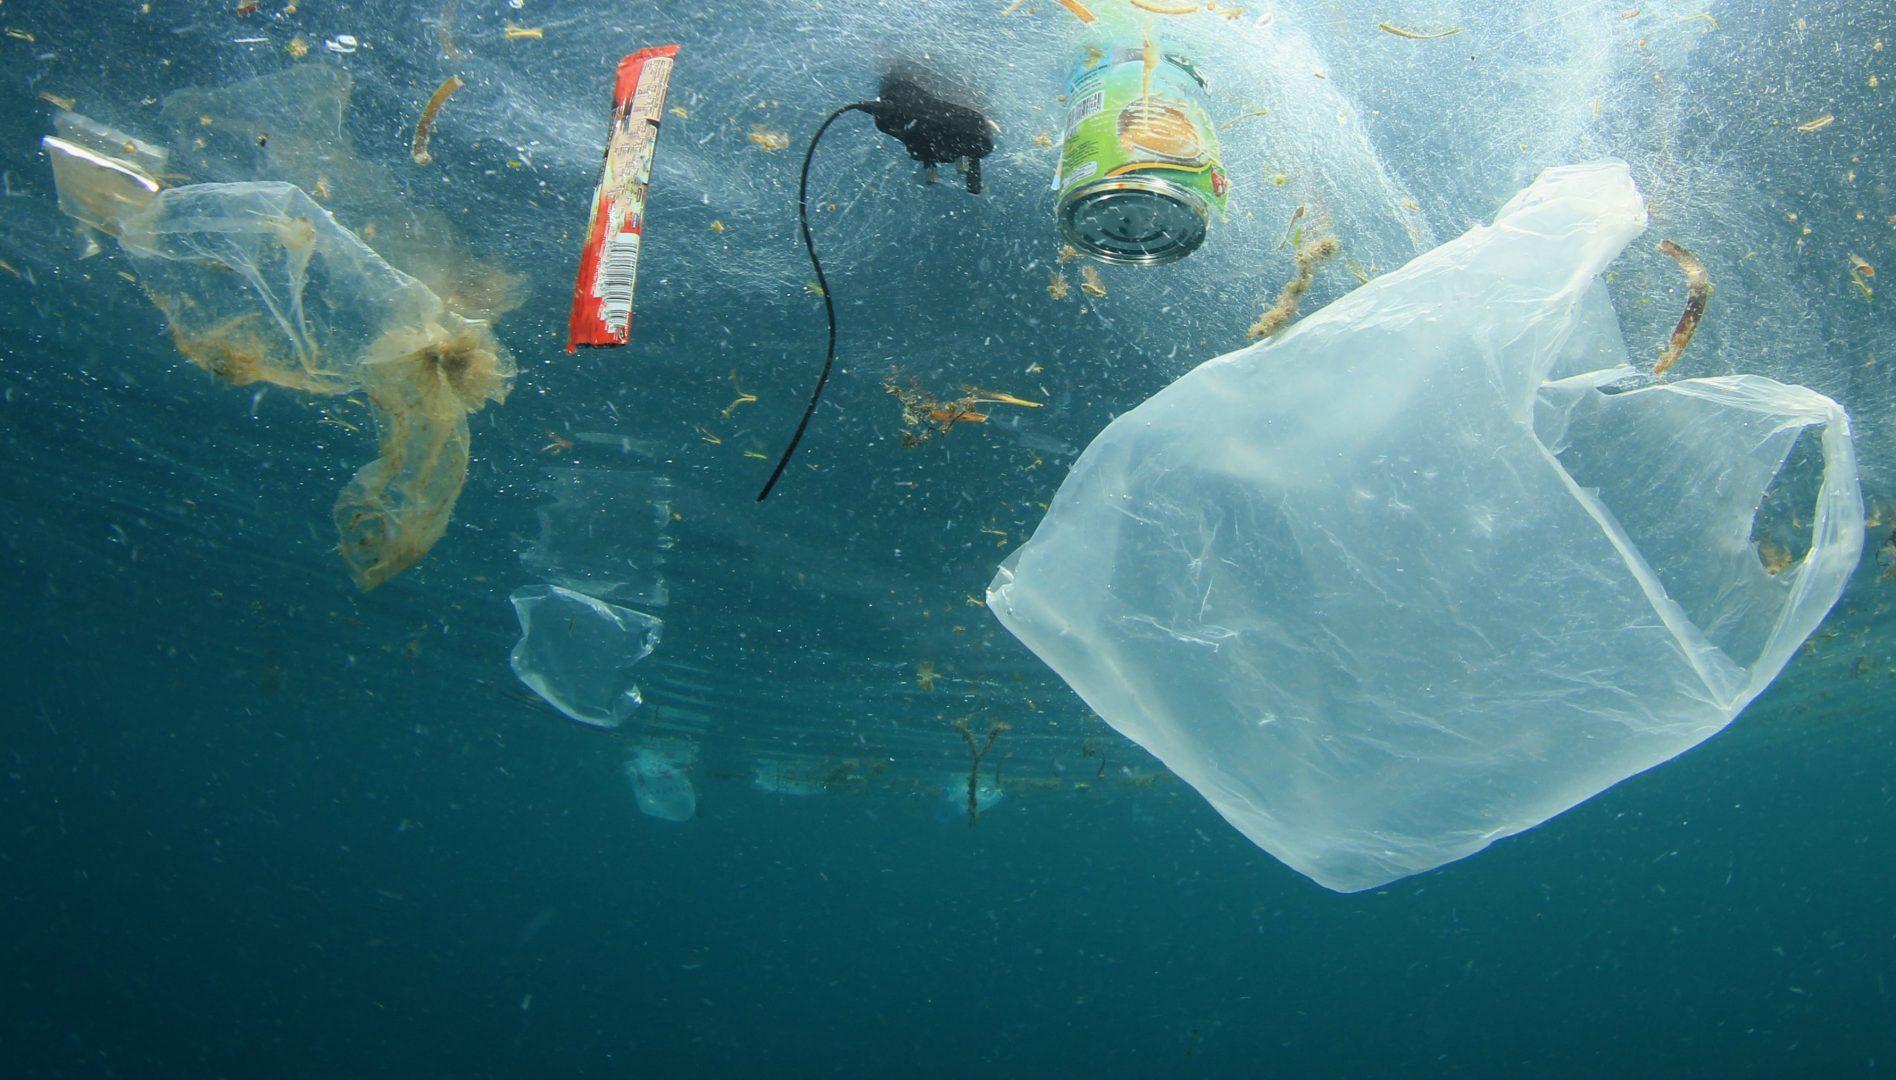 déchets marins océan mer pollution